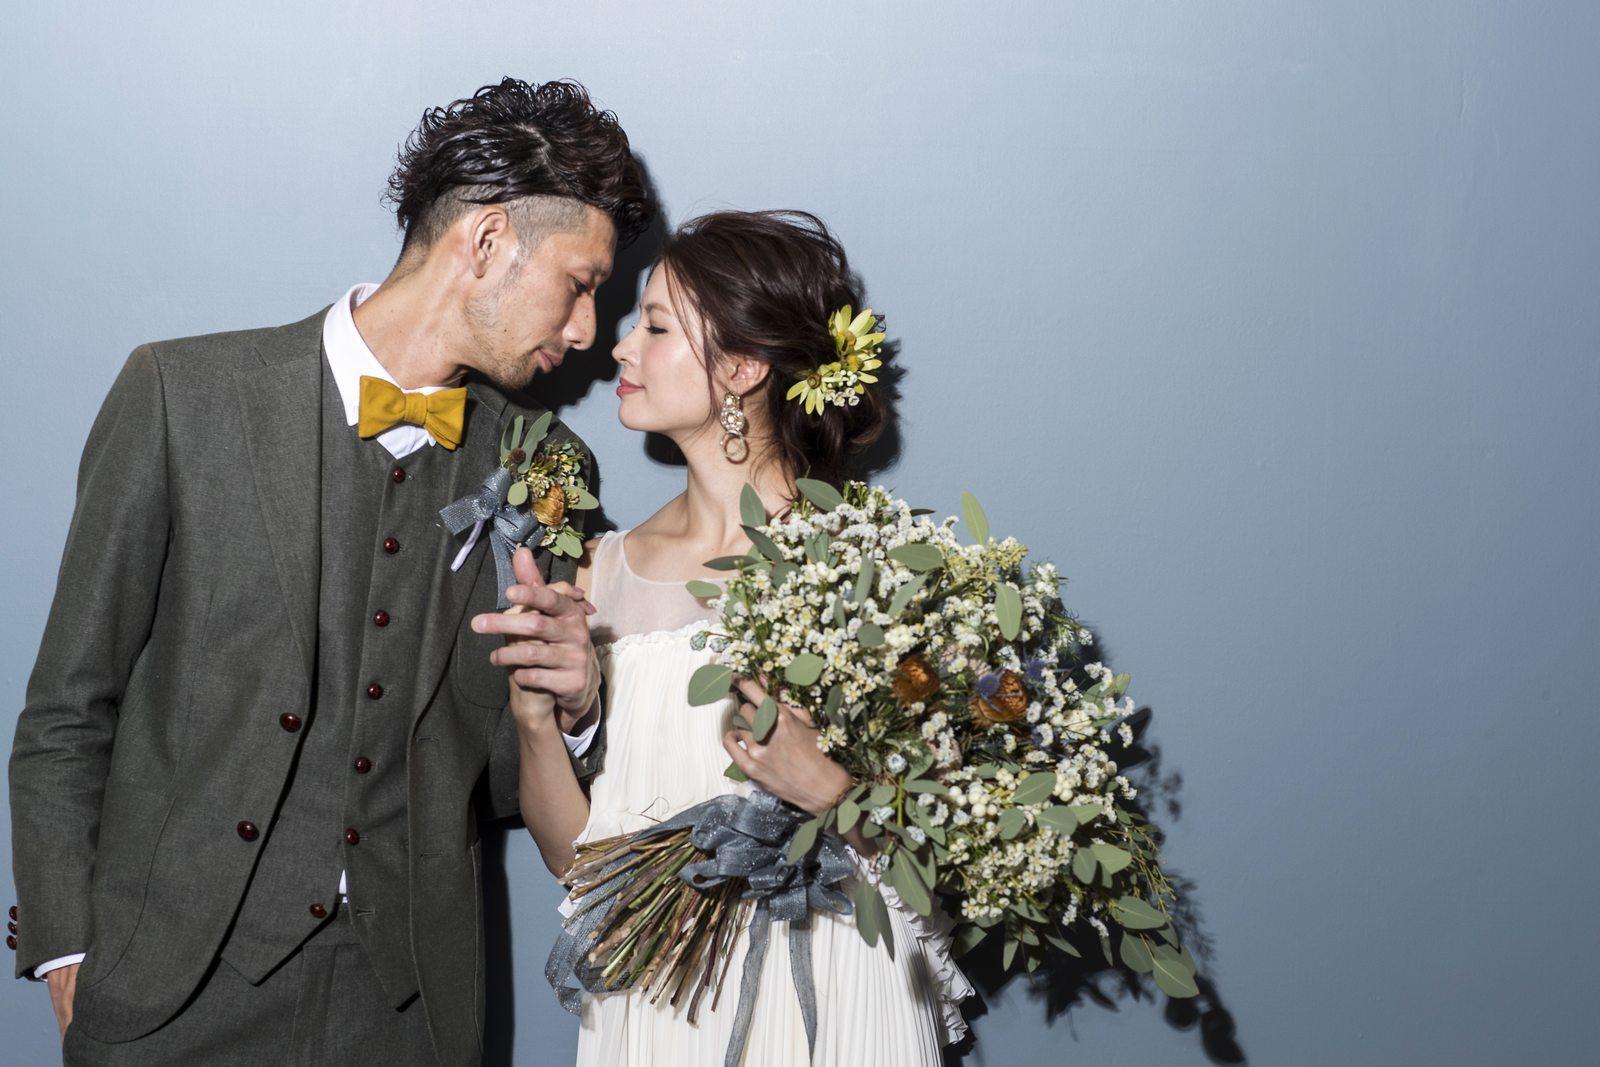 徳島県の結婚式場ブランアンジュで前写し